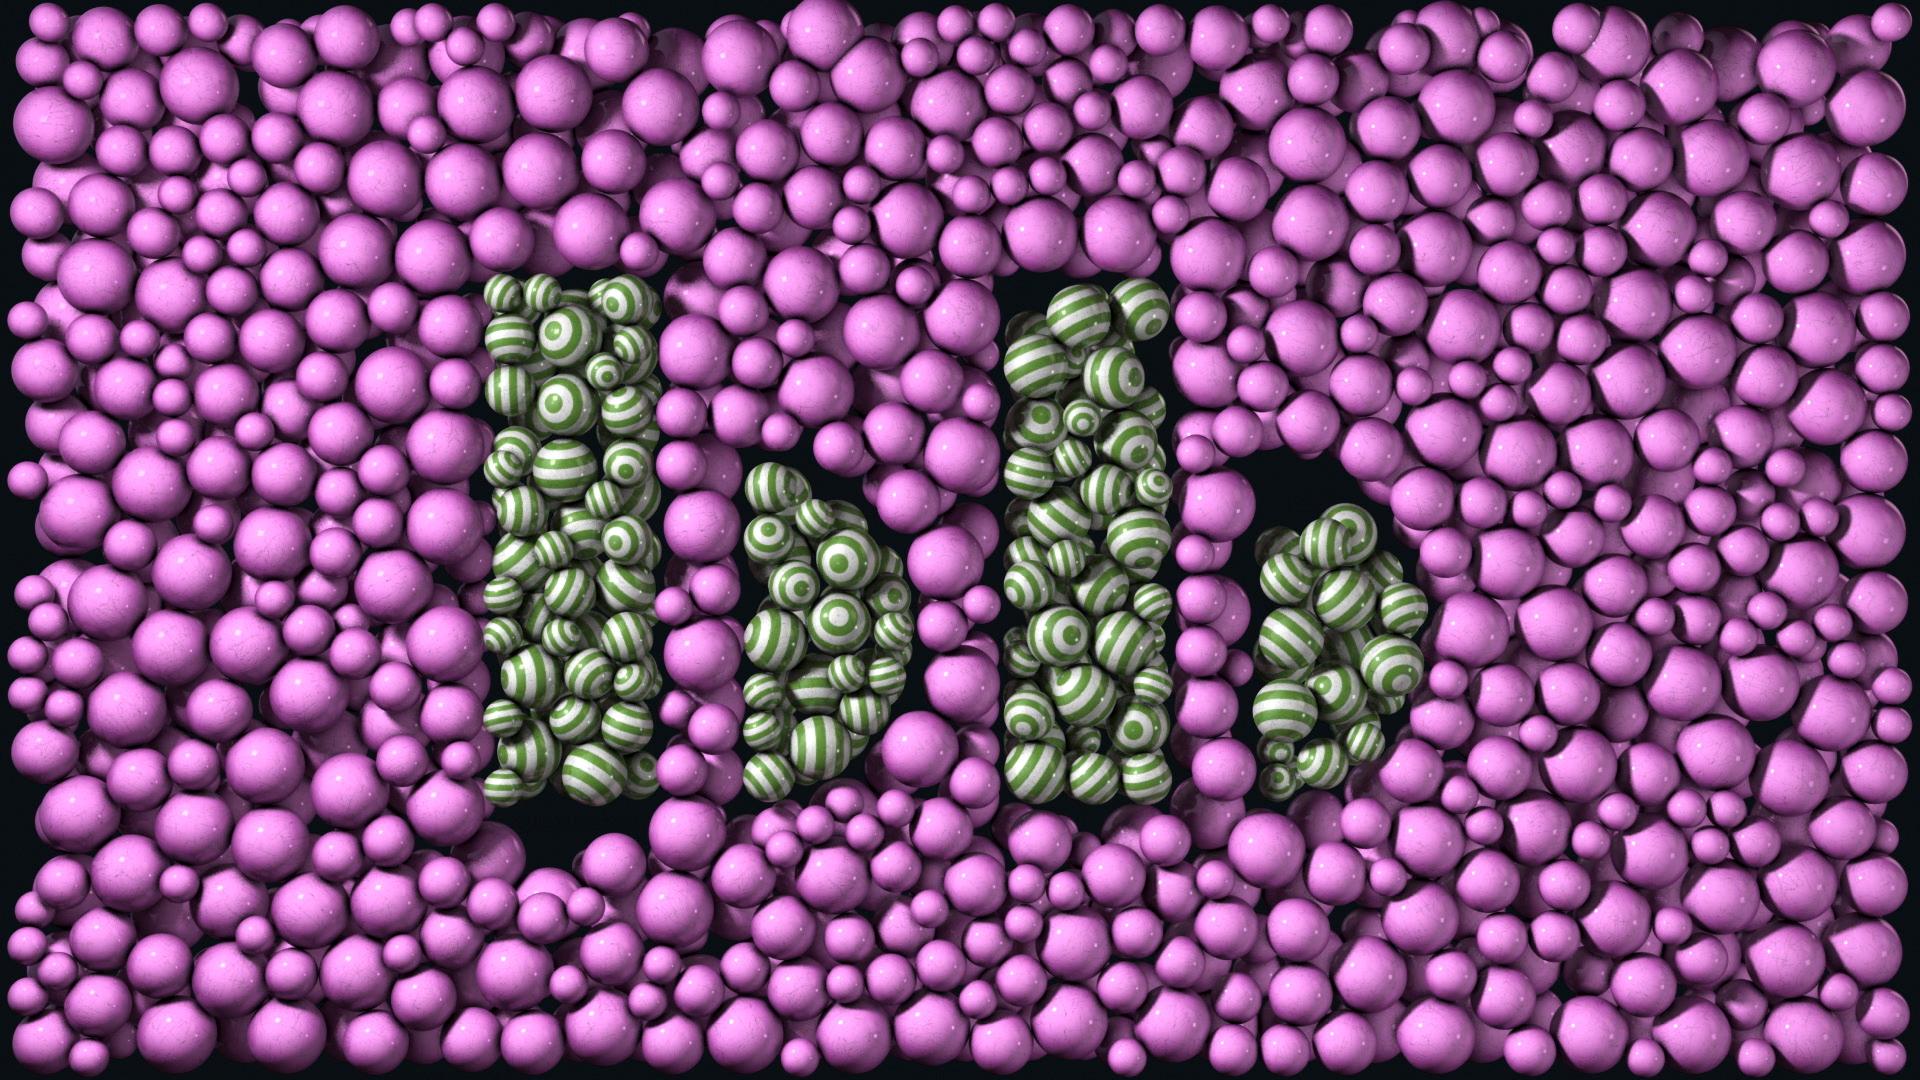 Bom Bom logo made of various balls